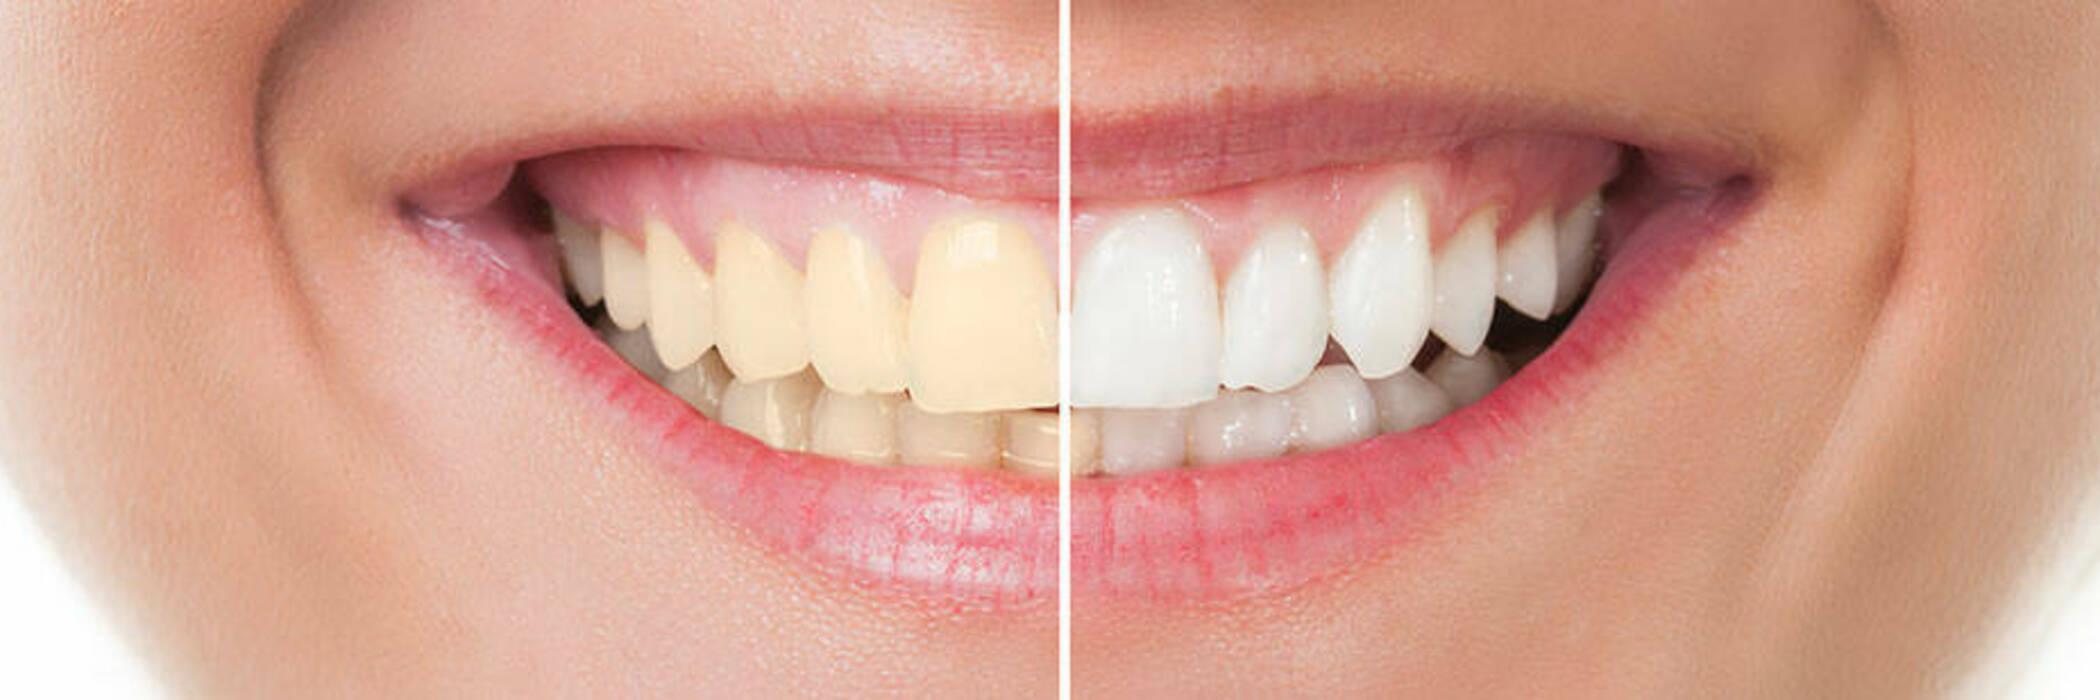 وصفات طبيعية لتبييض الاسنان في ثلاث دقائق ومن أول استعمال جربوا الآن 1